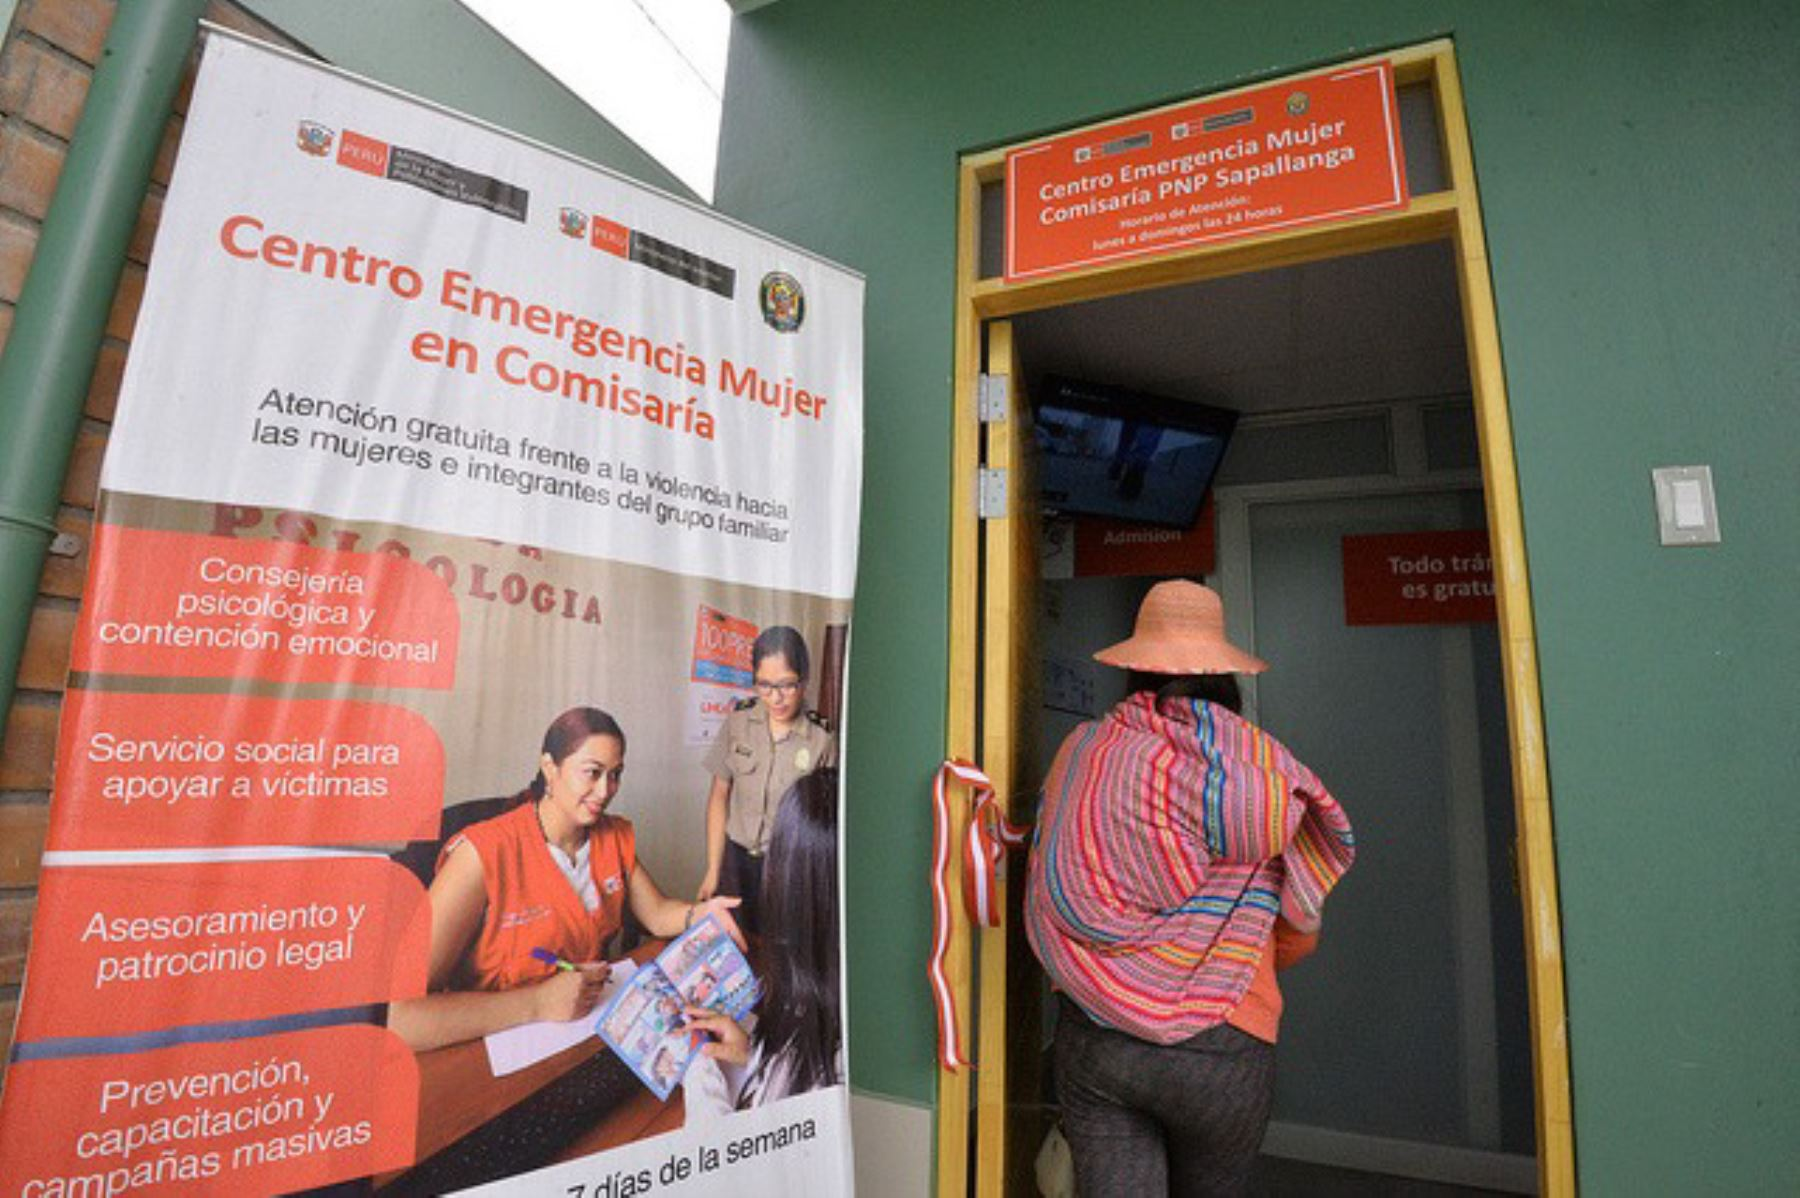 Centro de Emergencia Mujer número 100 inaugurado en el distrito de Sayán, provincia de Huaura. Foto: Andina/Difusión